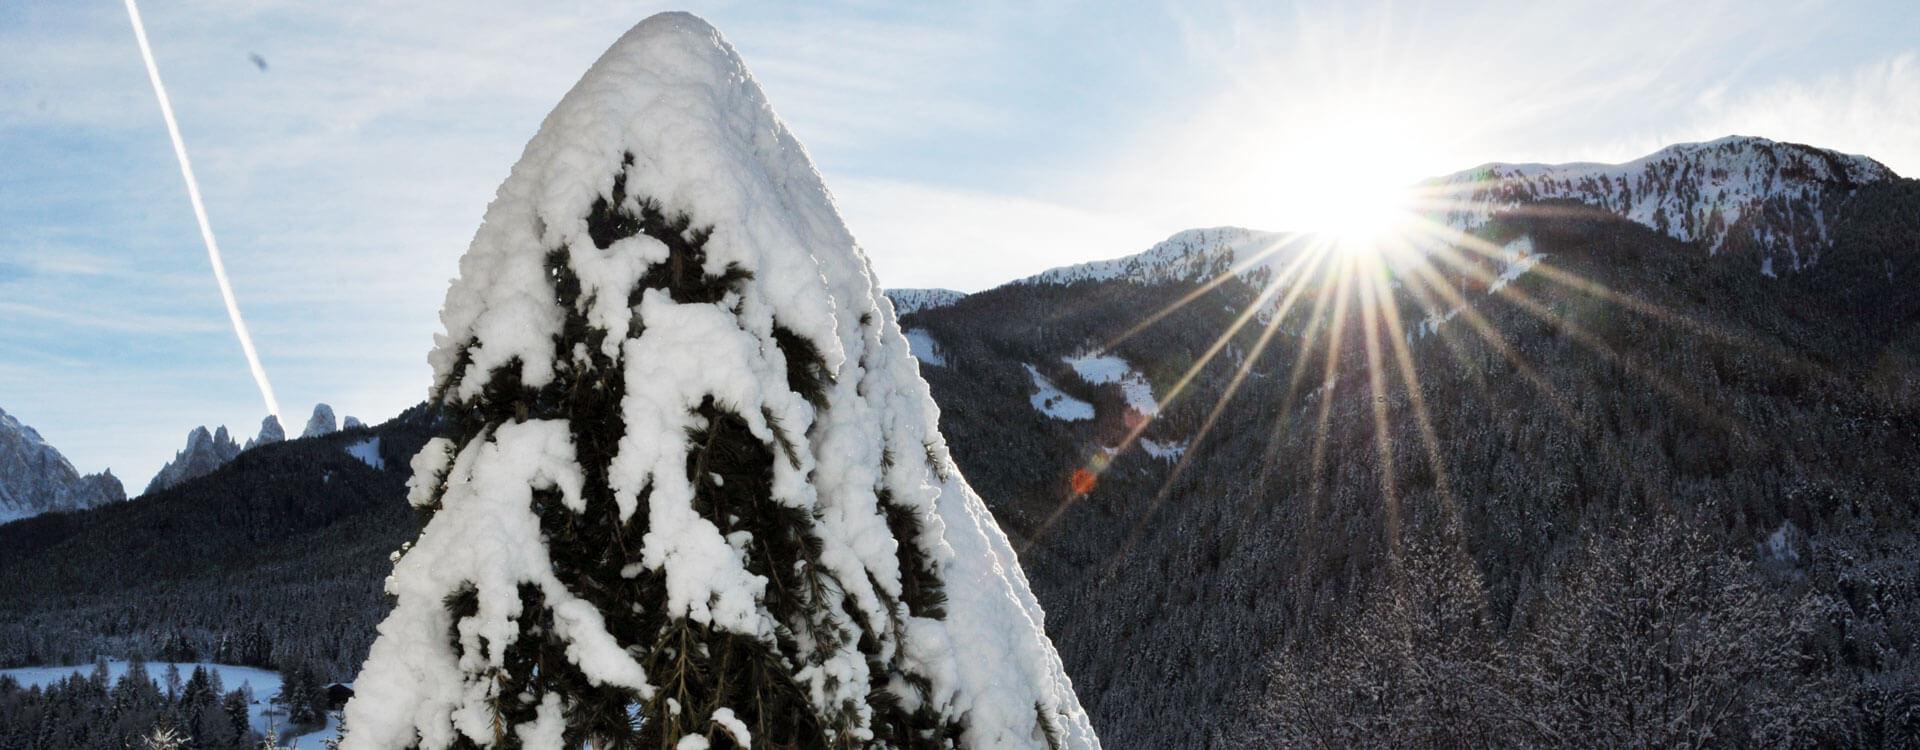 winterurlaub-dolomiten-4